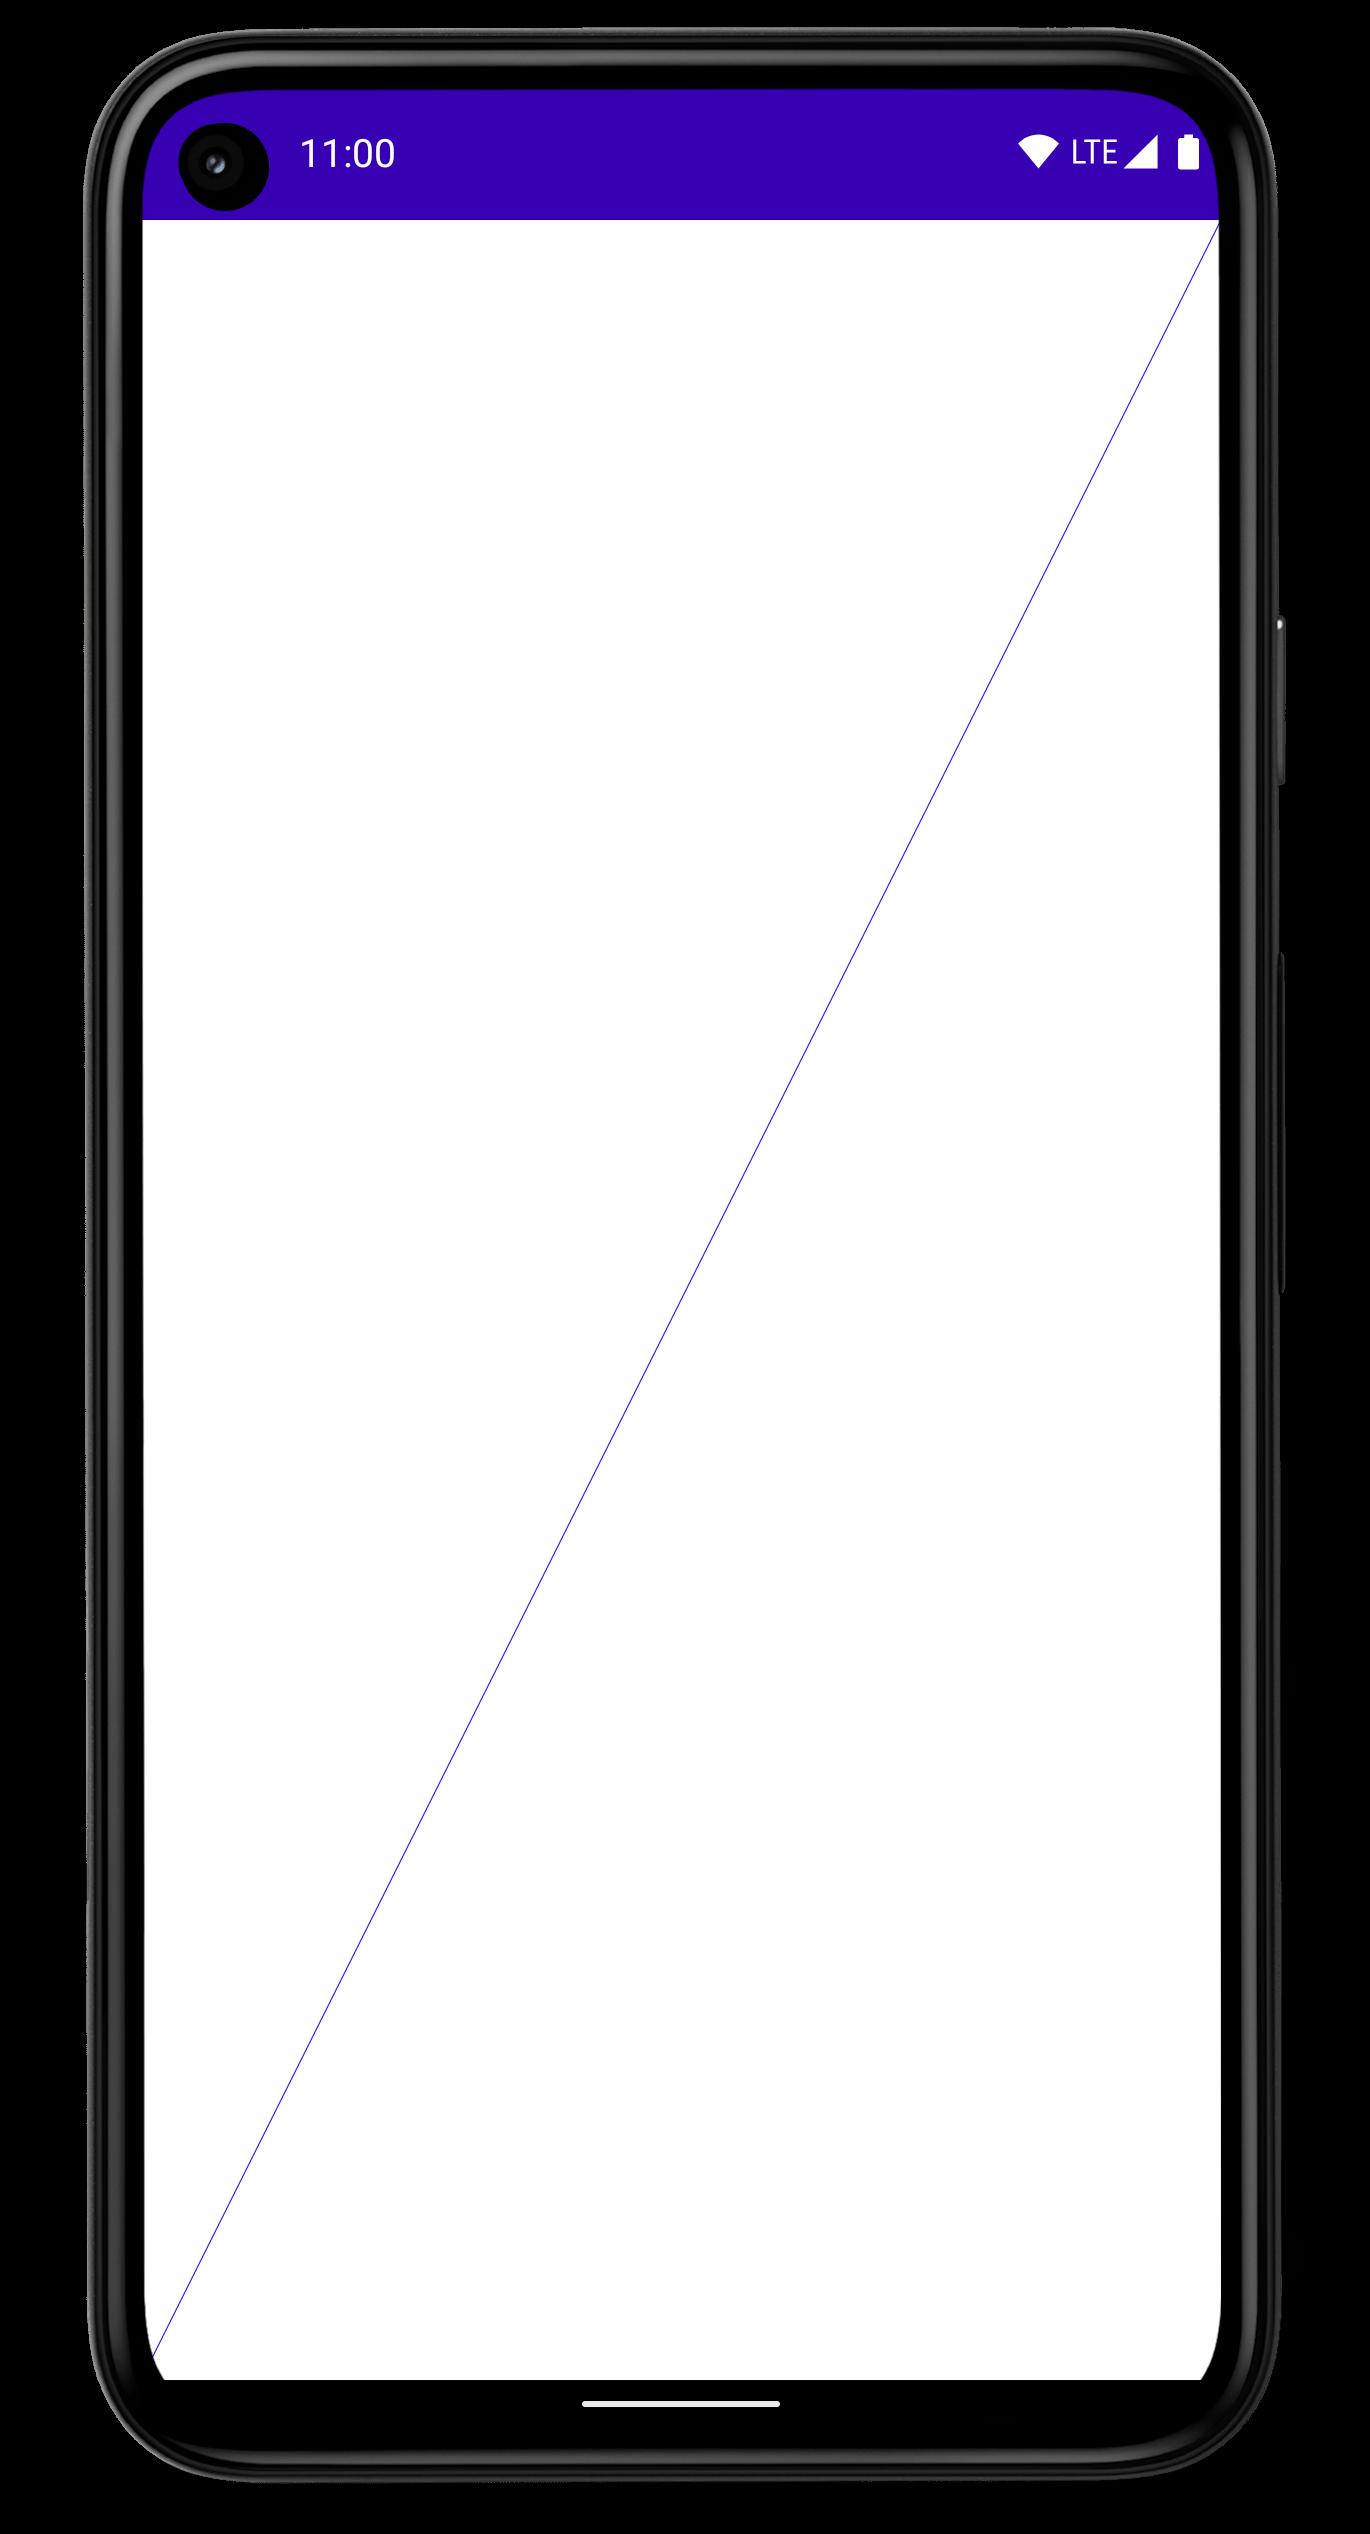 화면을 가로질러 대각선 방향으로 가는 선이 그려져 있는 휴대전화